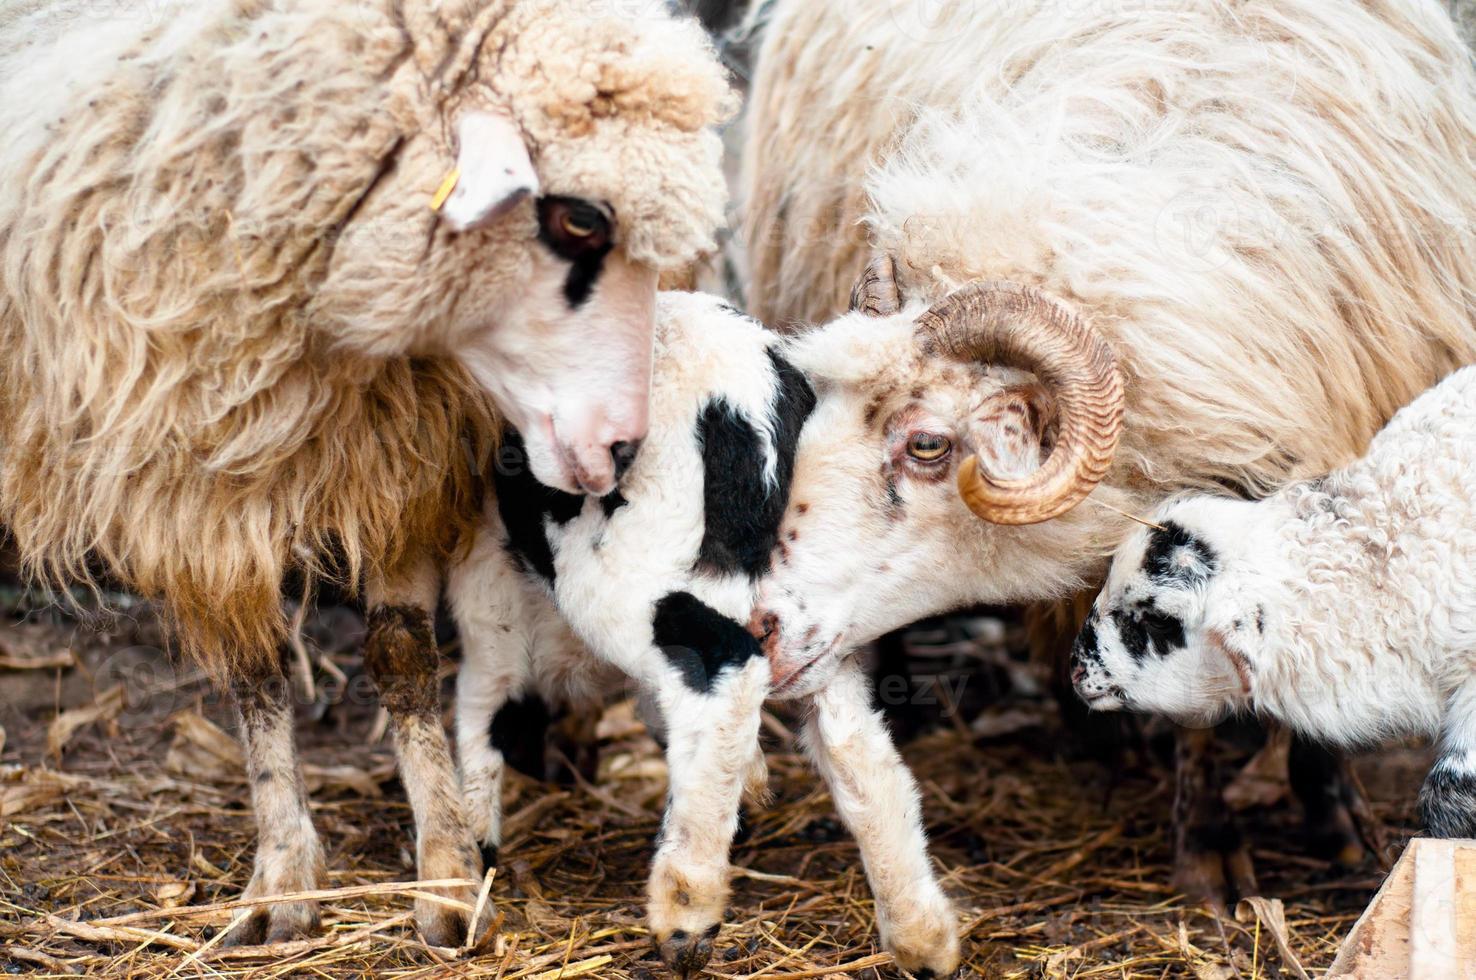 schapen in de kudde eten met de lammeren foto